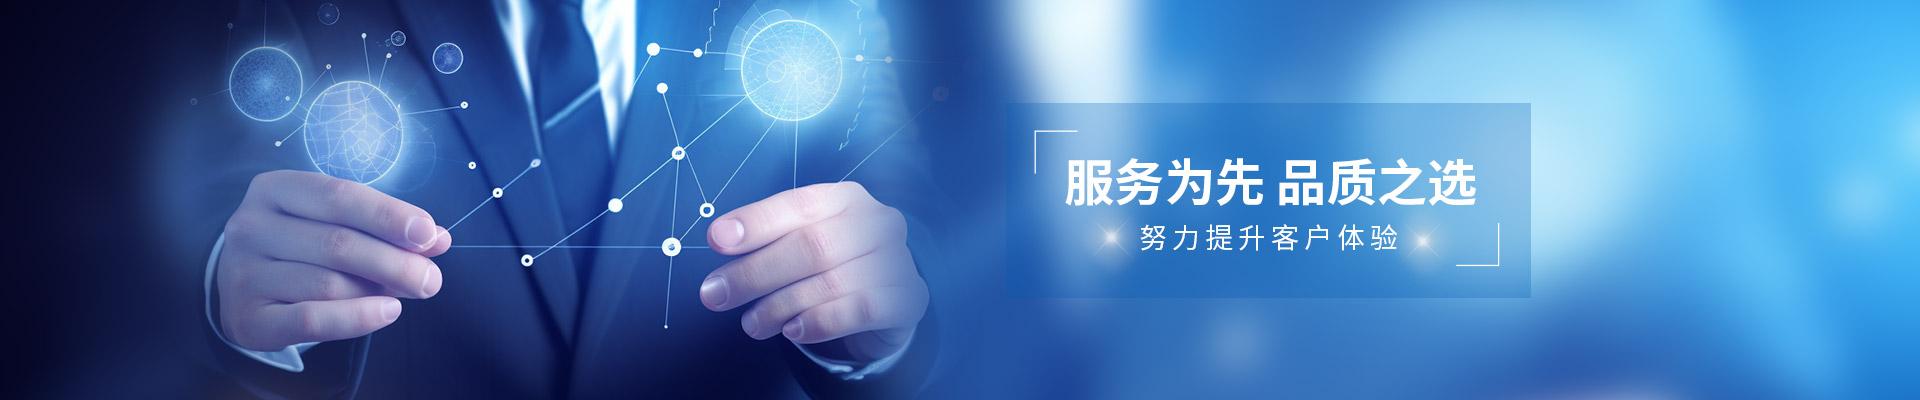 上海明伦(苏州)律师事务所公司介绍